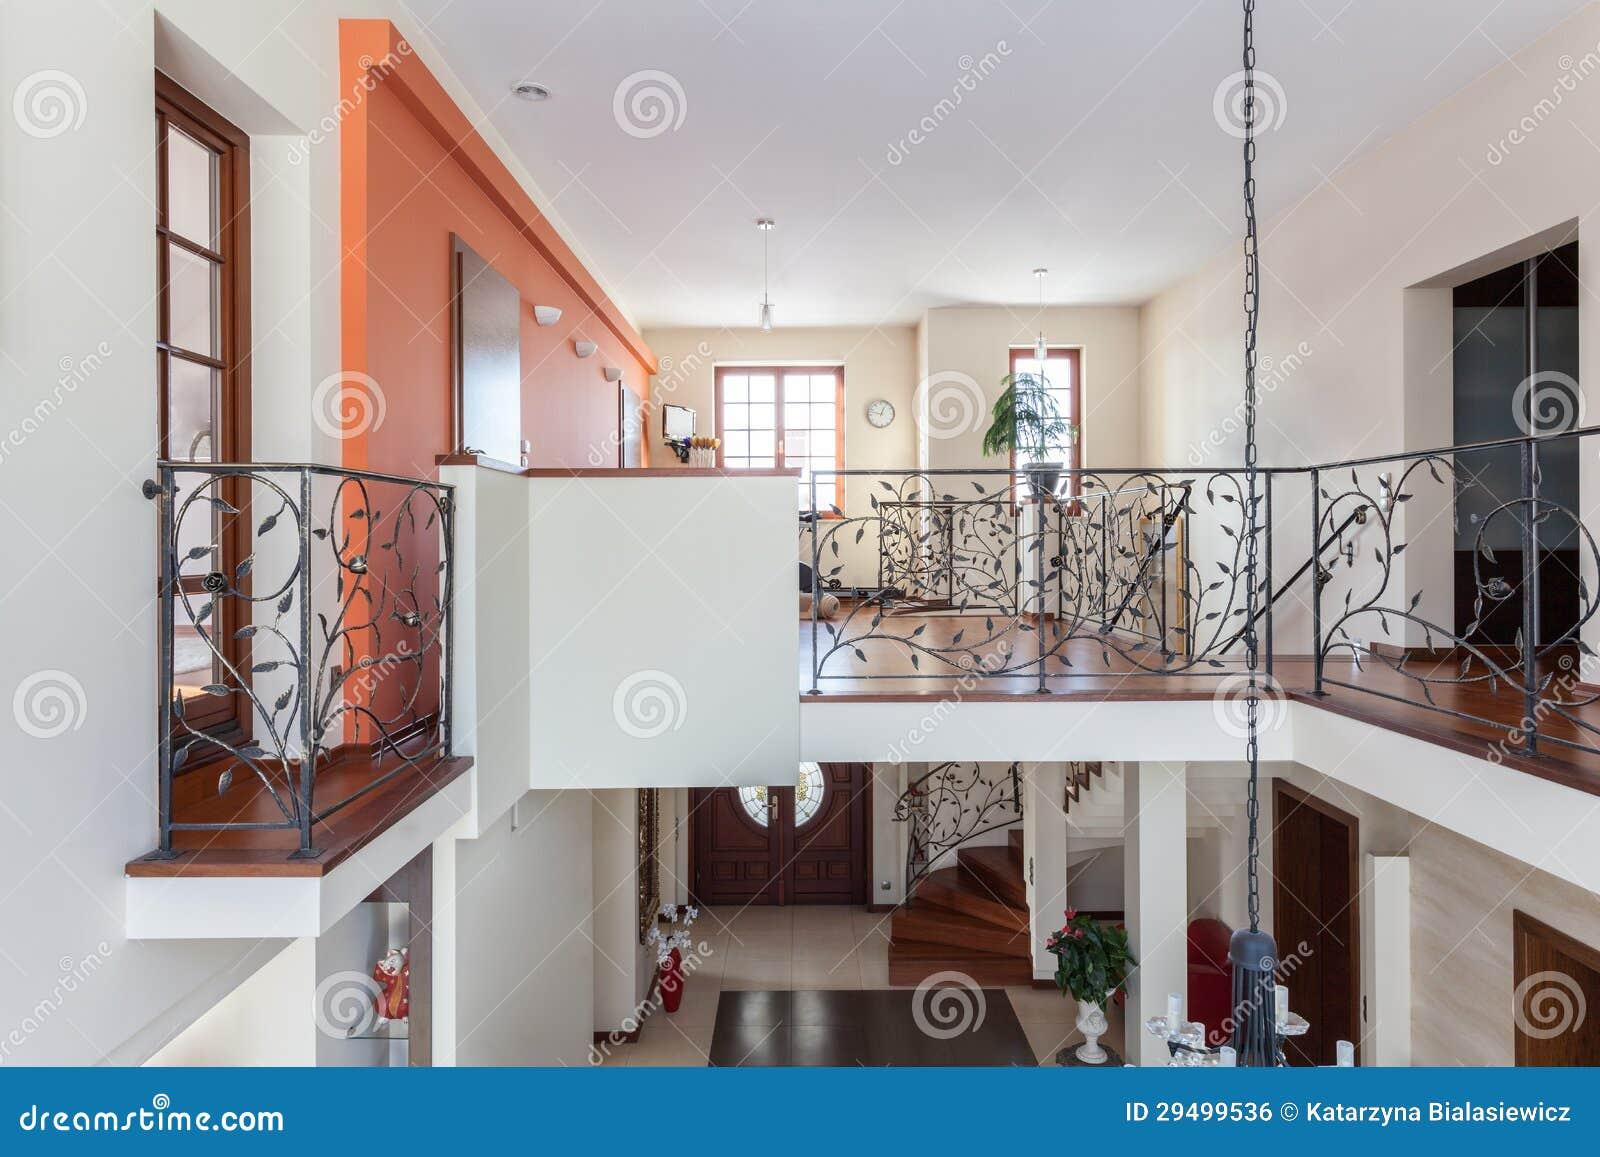 Casa con clase hogar de dos pisos imagen de archivo for Pisos elegantes para casas